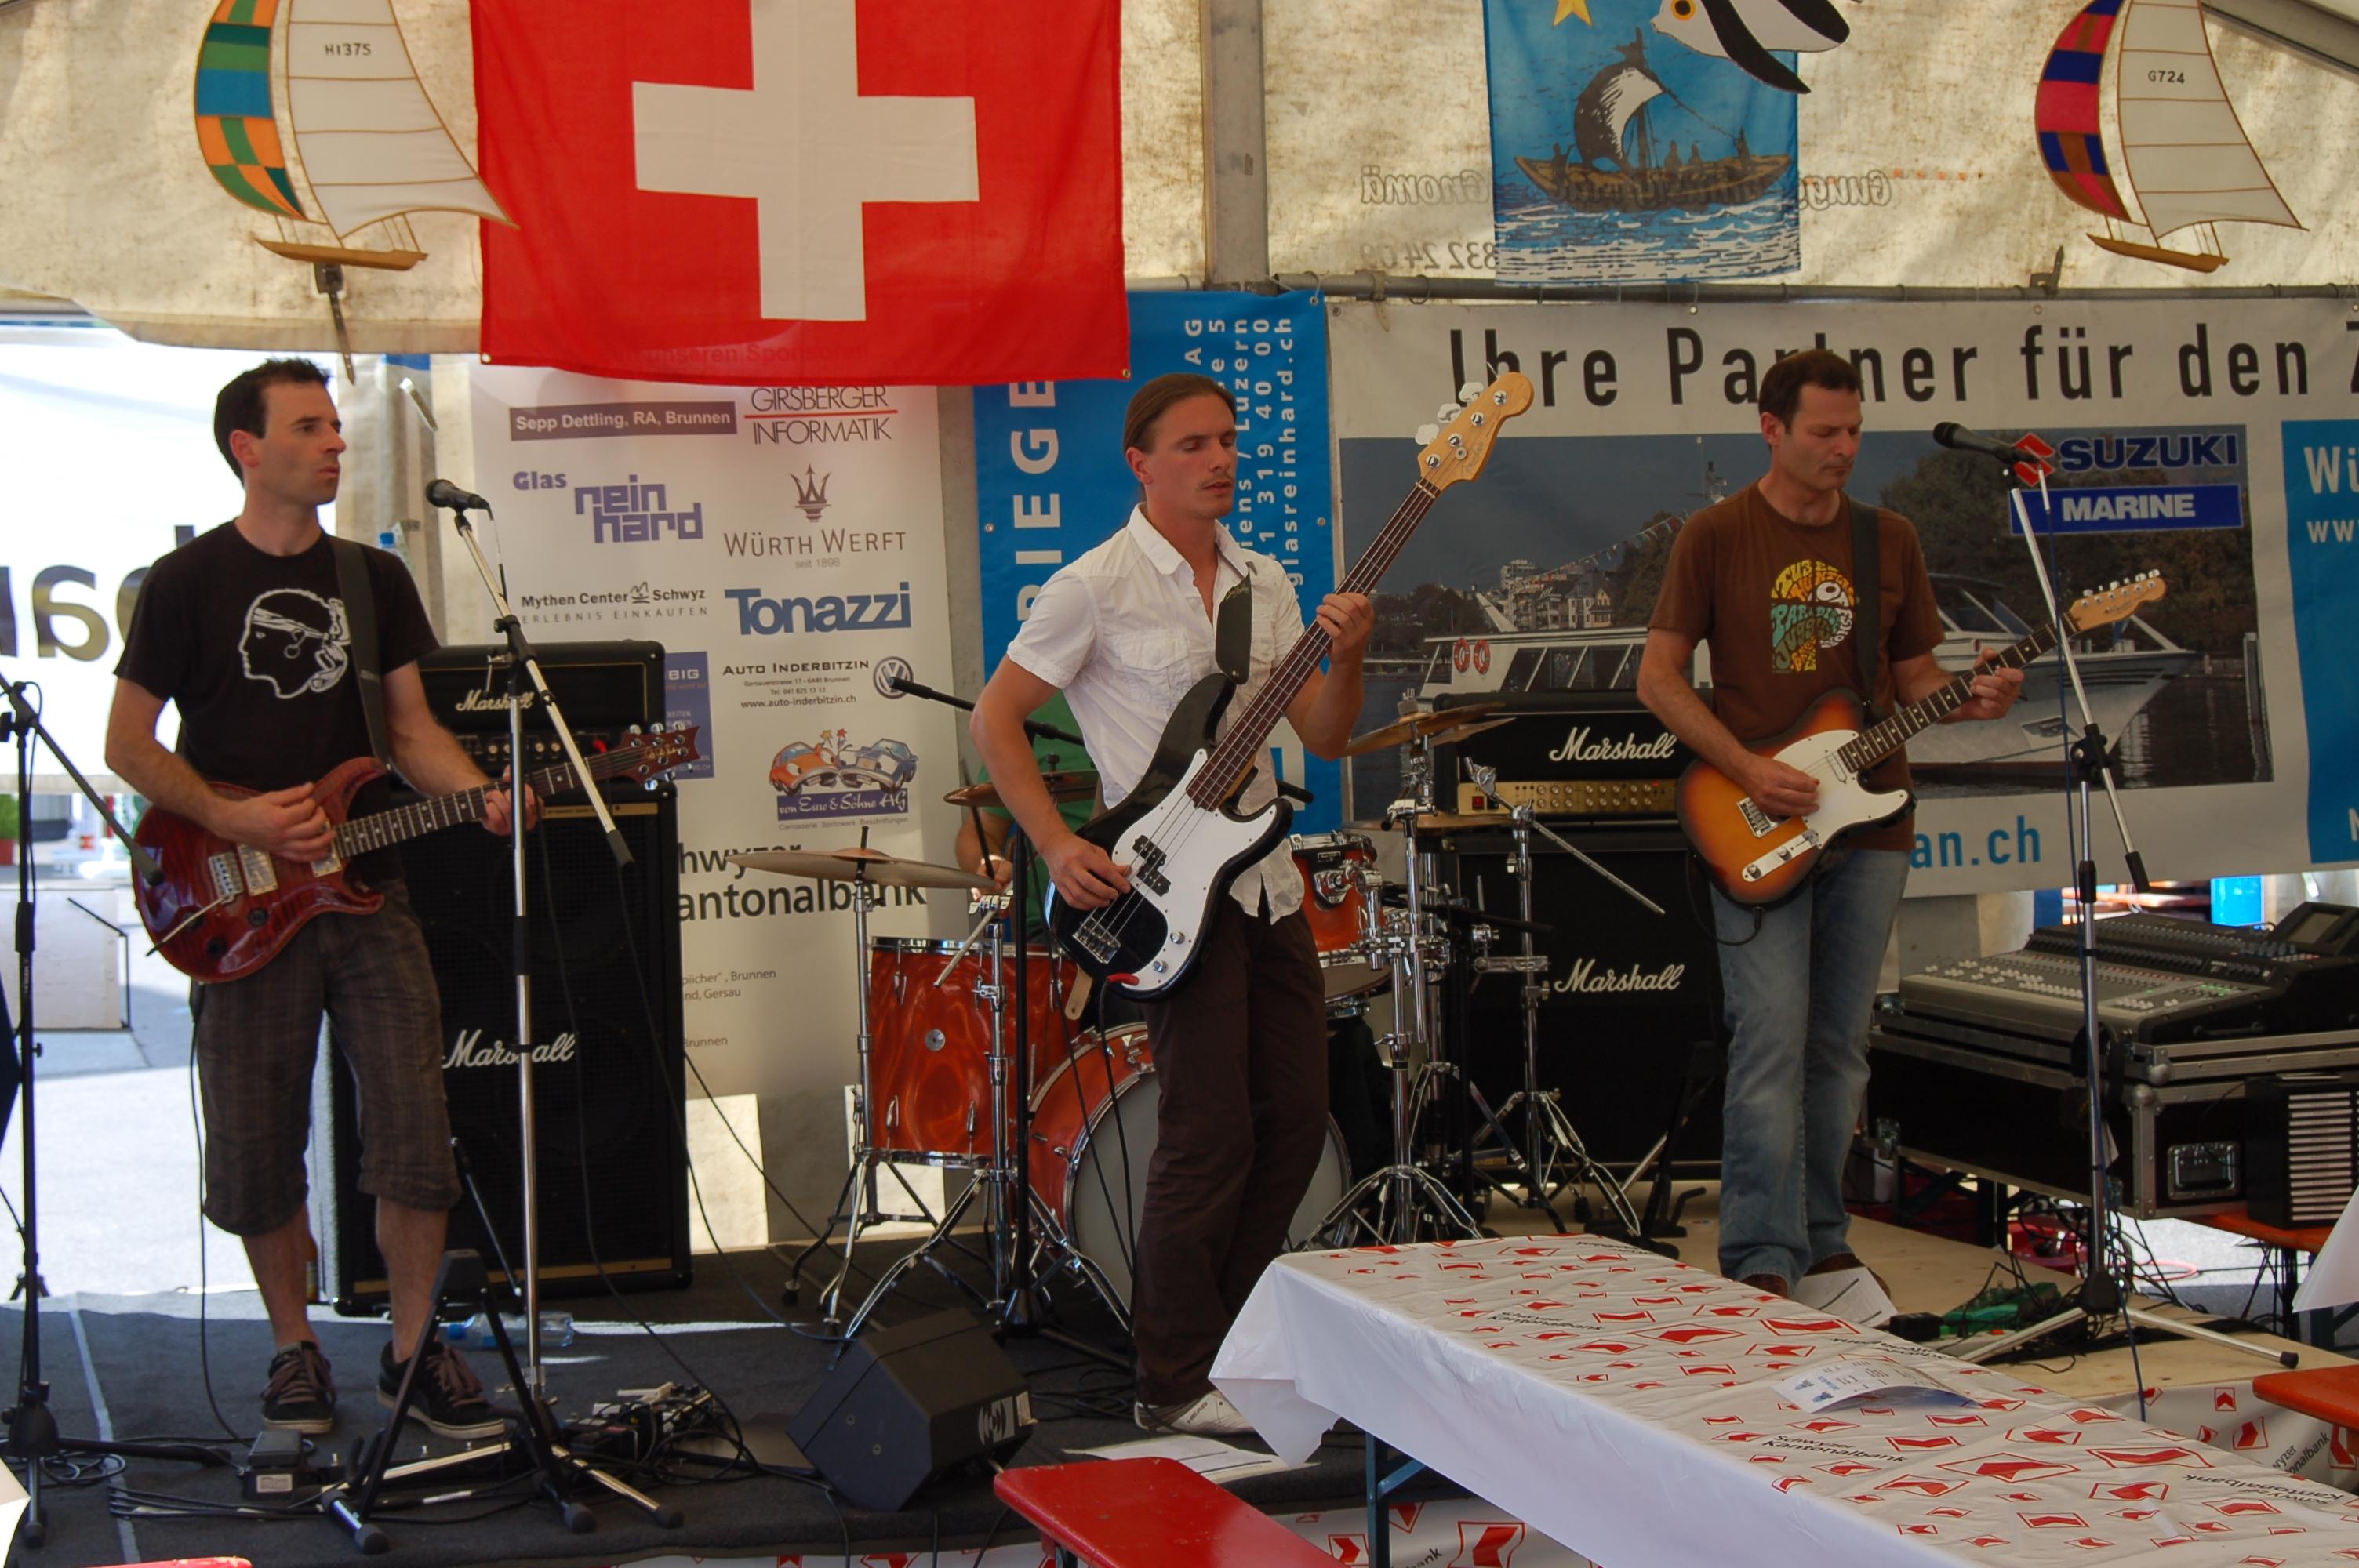 igf-hafenfest-brunnen-2009-35